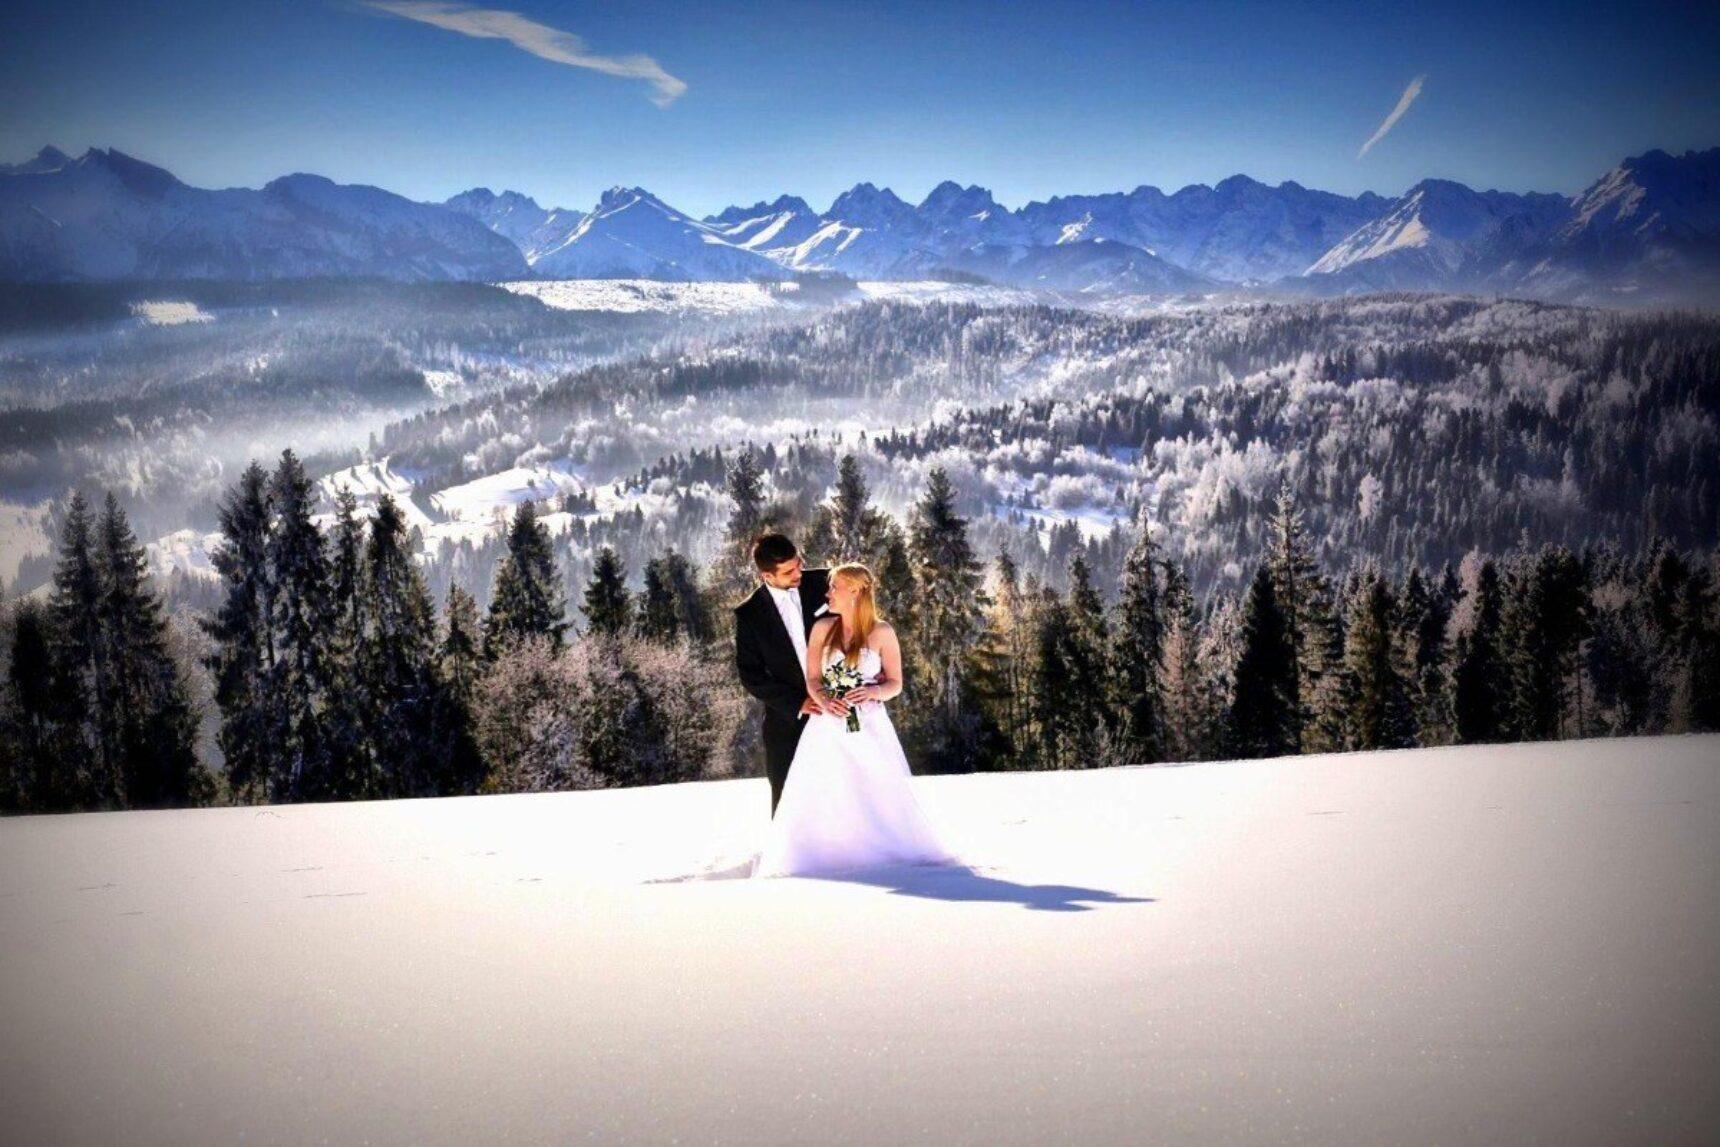 Unikalny pomysł na plener fotograficzno-filmowy? Wyjątkowa sesja i nagranie w zimowej scenerii!